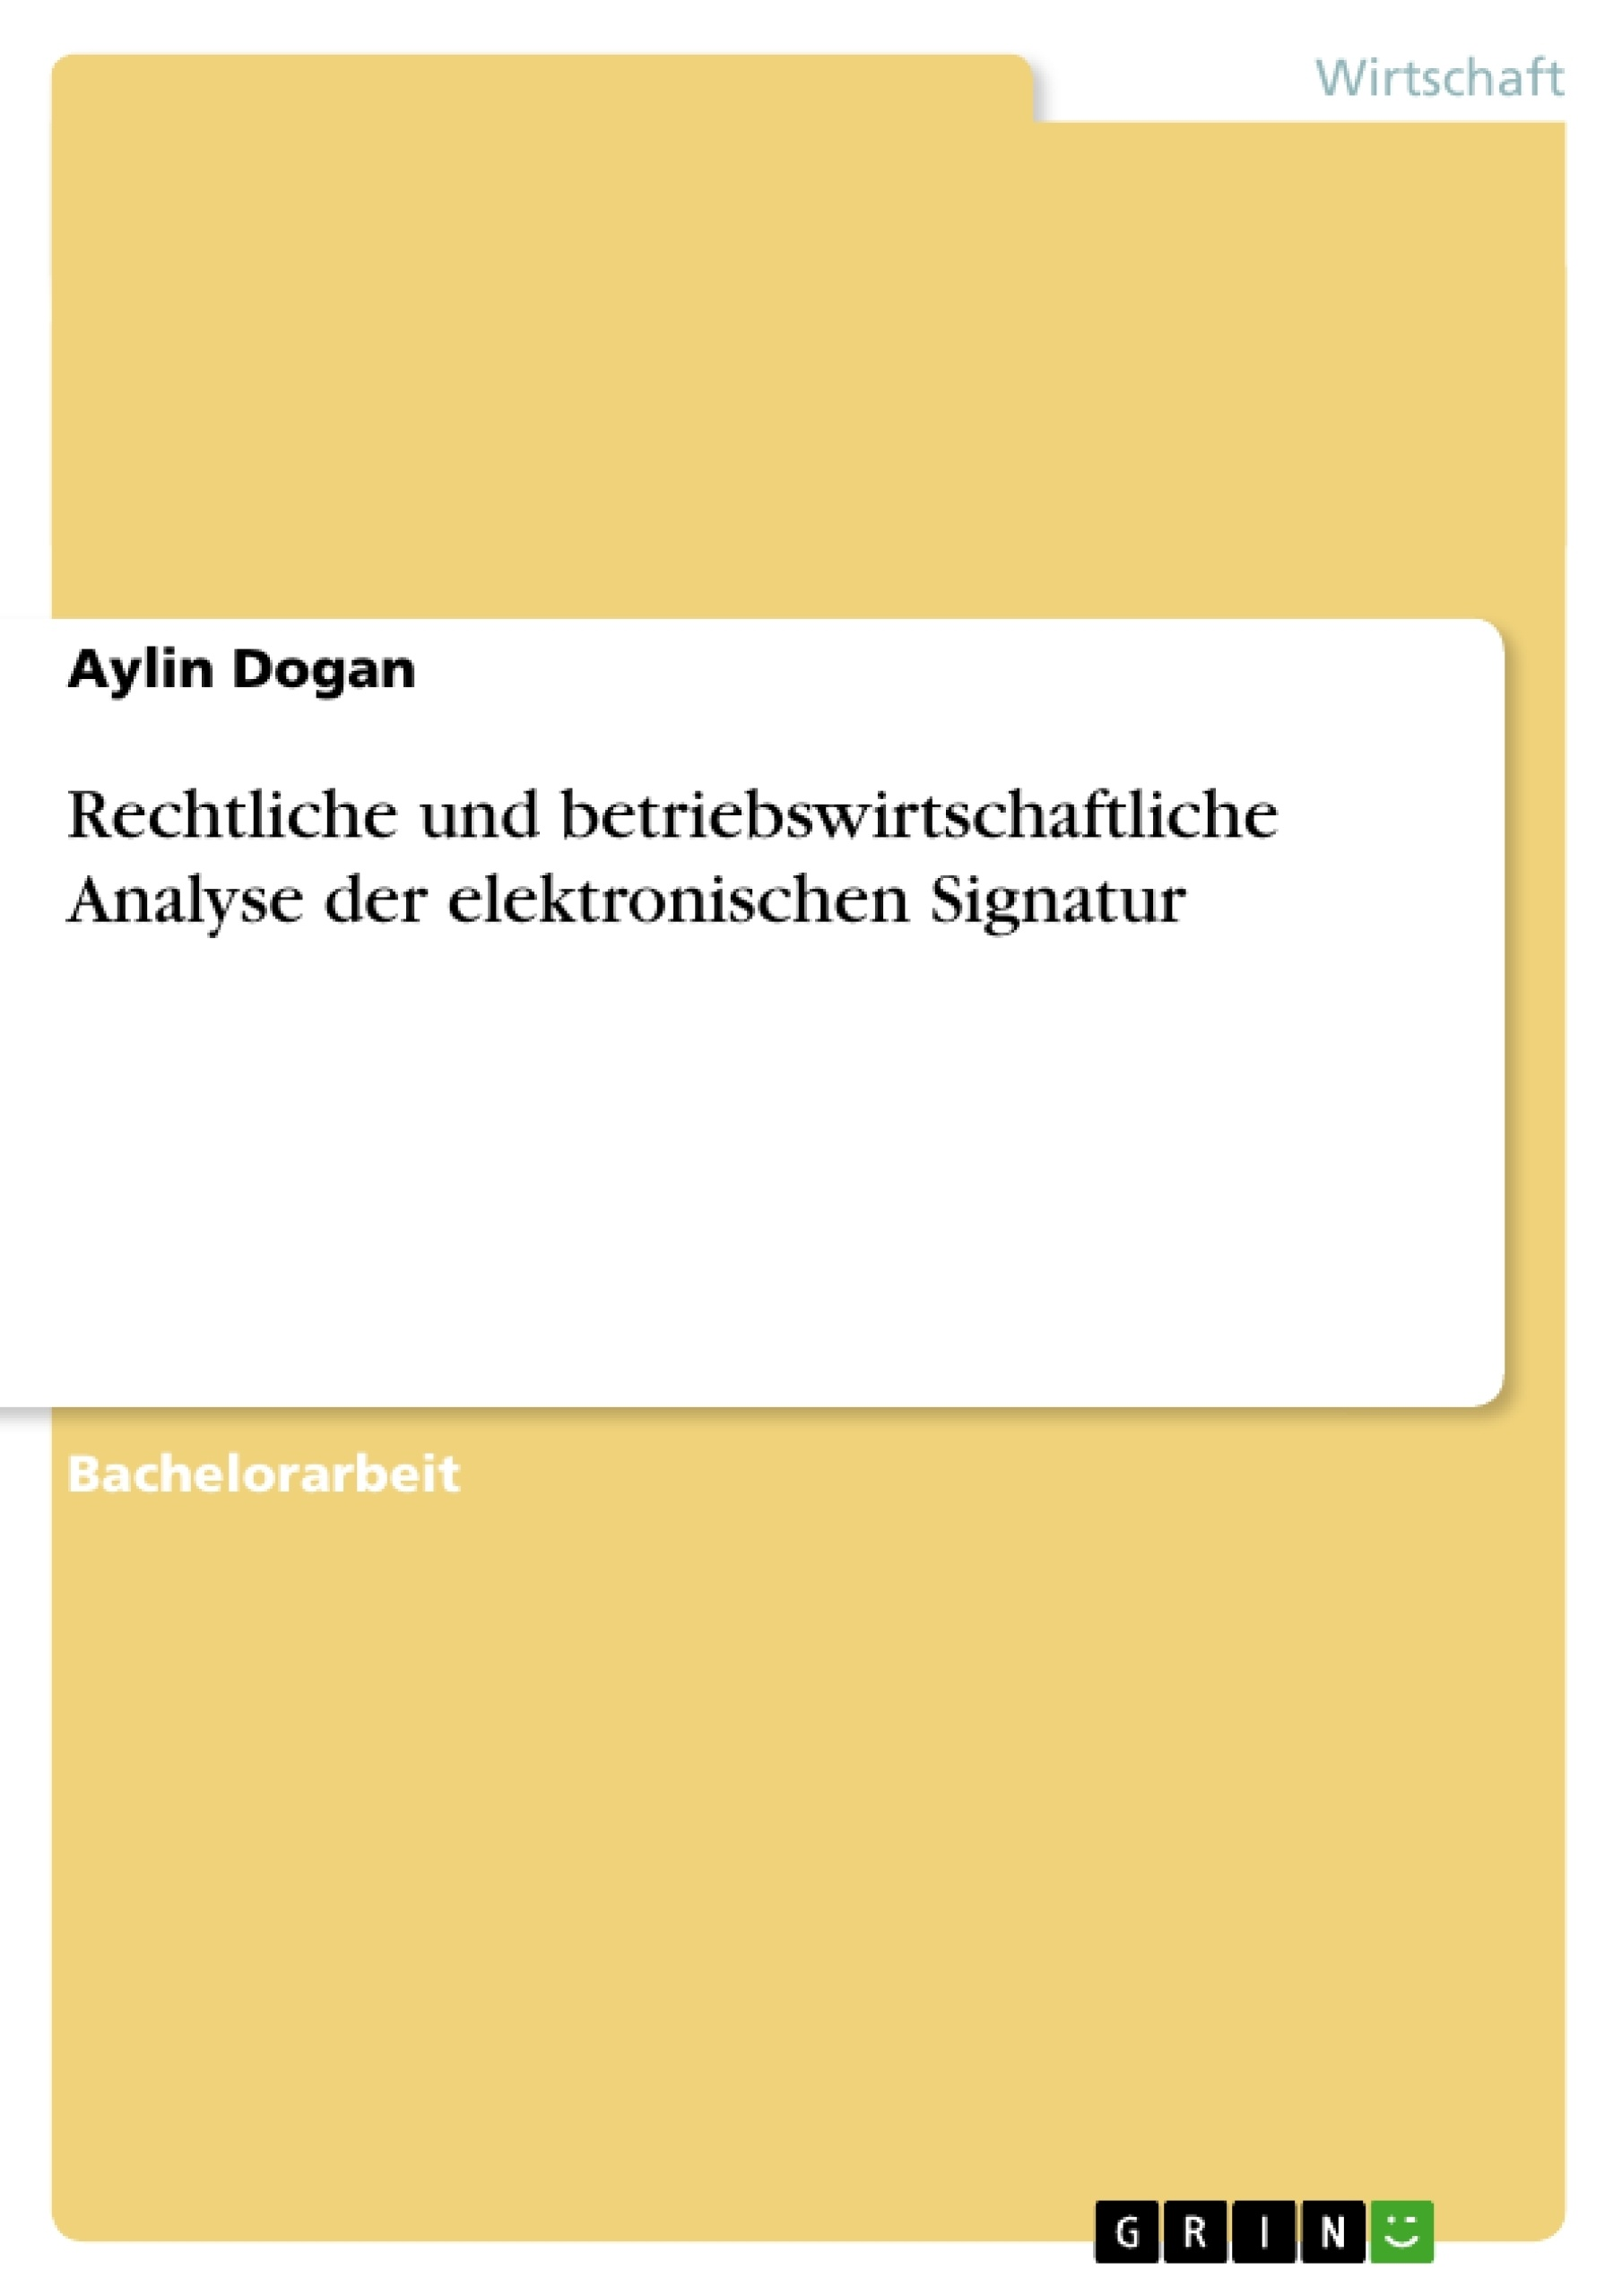 Titel: Rechtliche und betriebswirtschaftliche Analyse der elektronischen Signatur